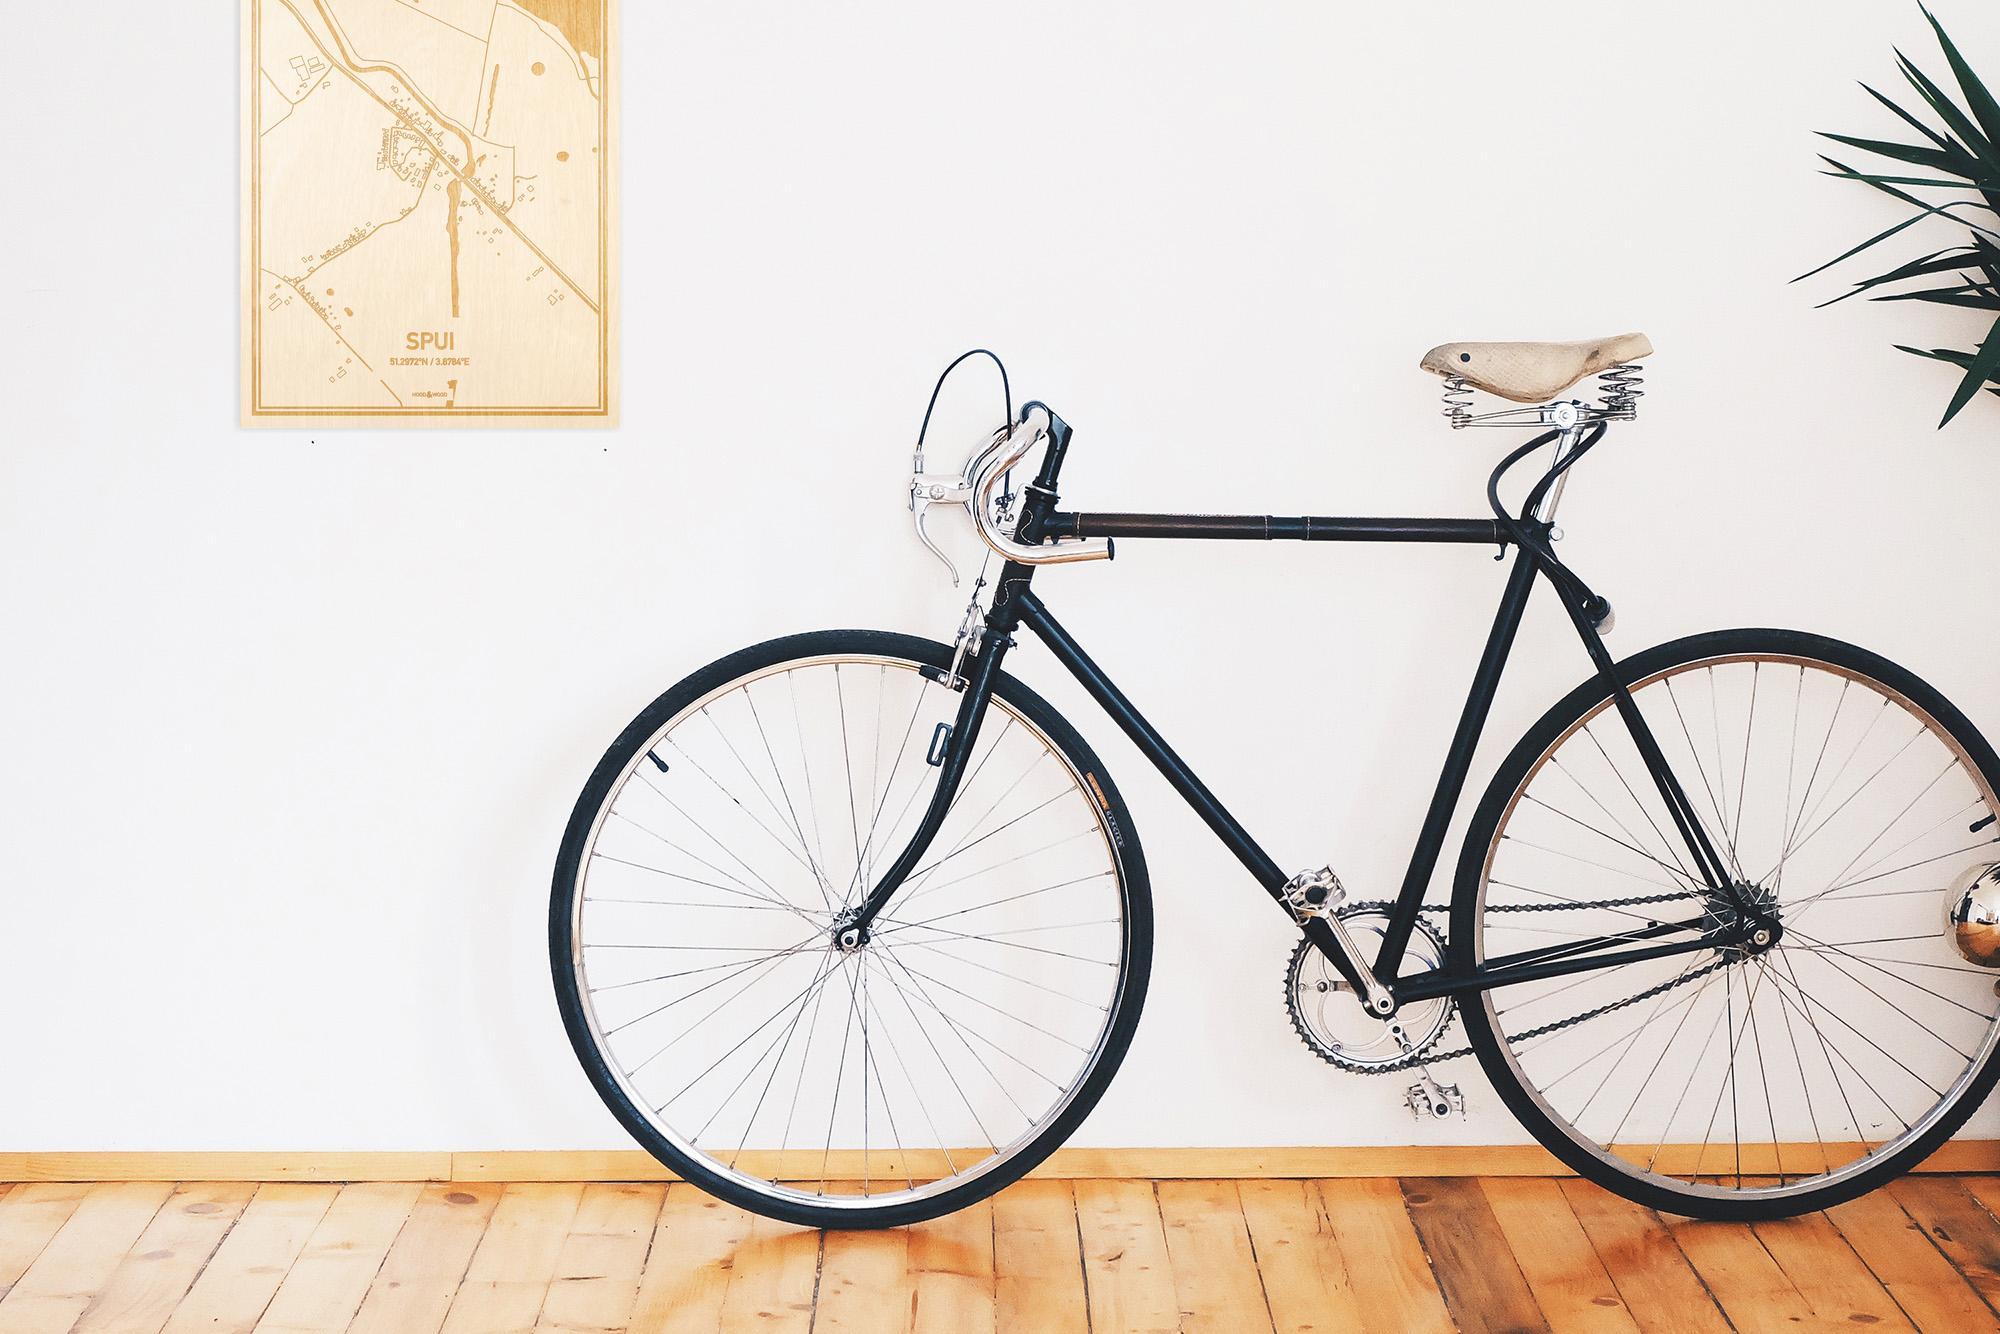 Een snelle fiets in een uniek interieur in Zeeland met mooie decoratie zoals de plattegrond Spui.